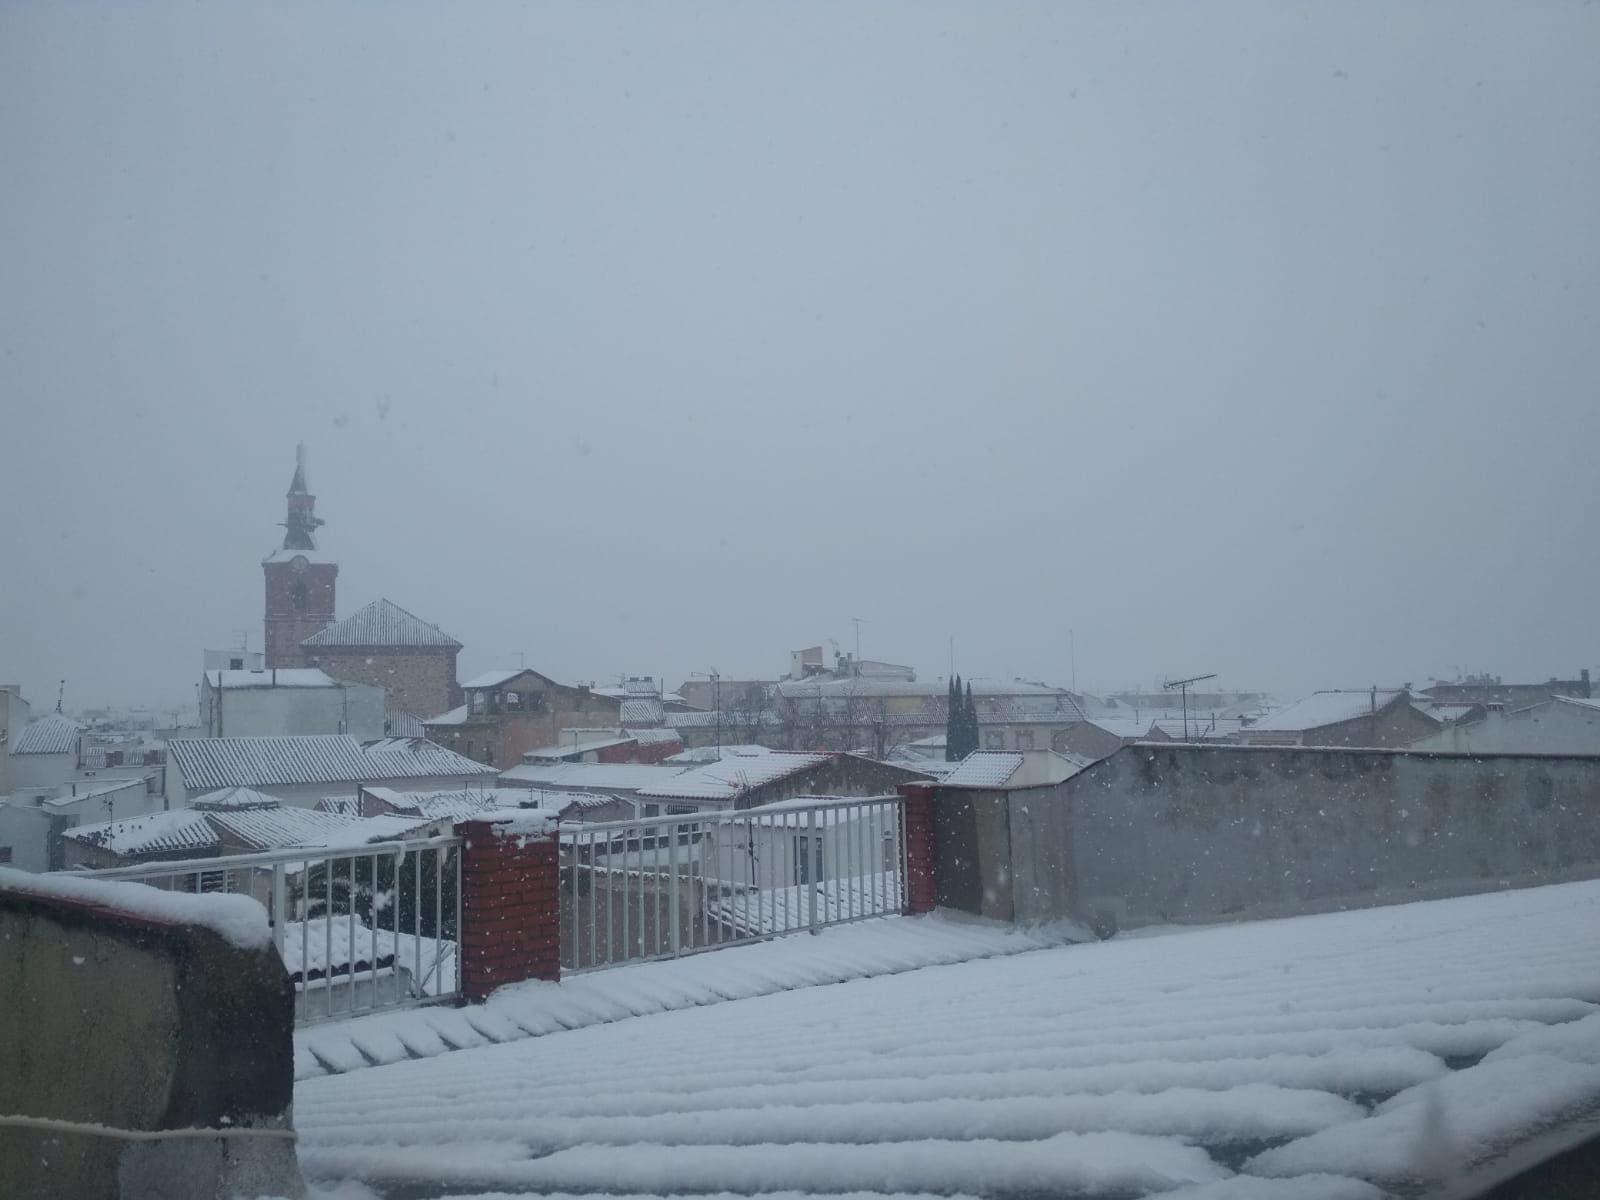 Las nevadas llegan Herencia y a toda Castilla-La Mancha (actualizado) 90